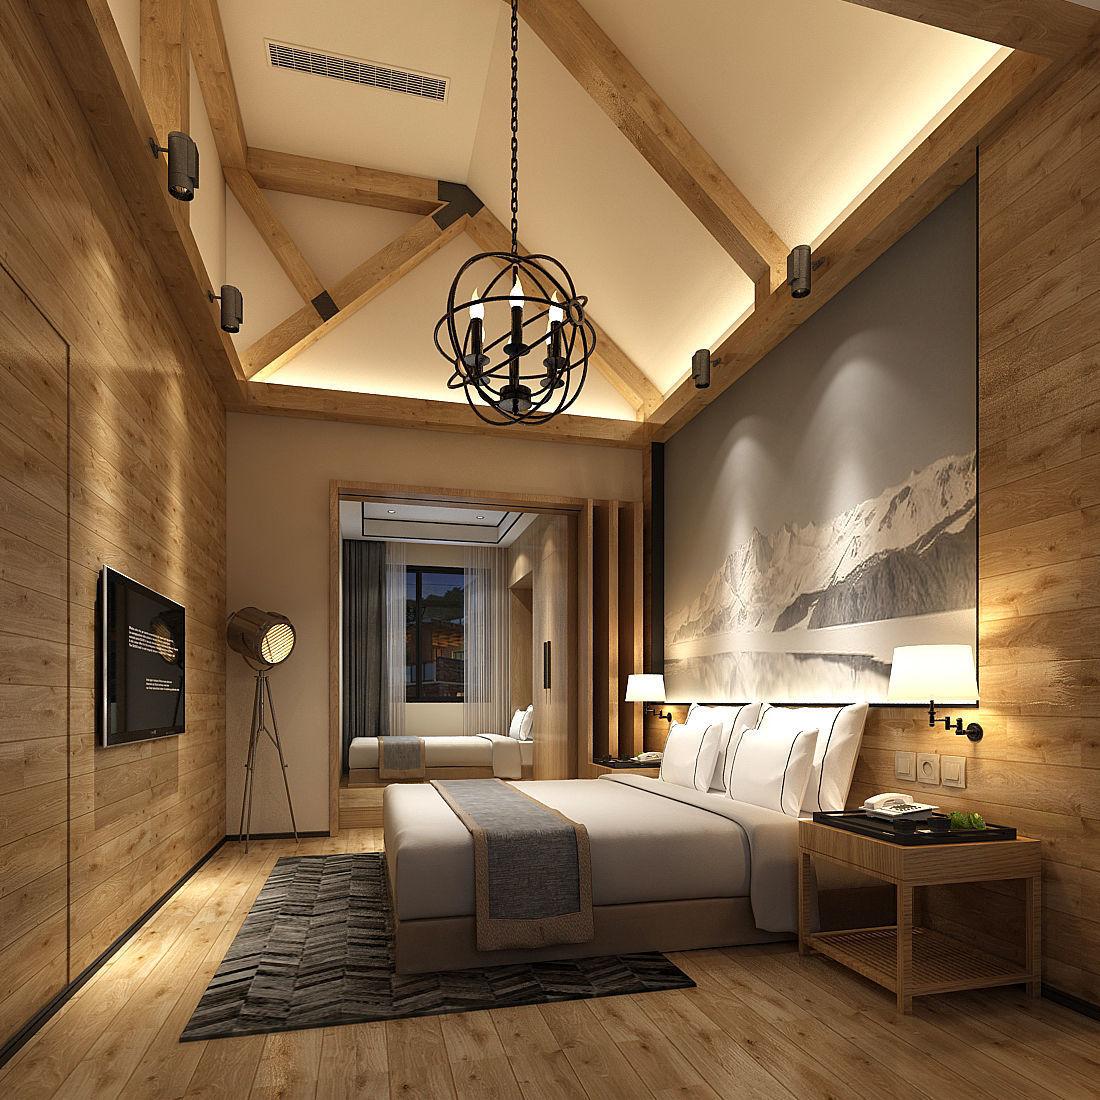 3D Deluxe master bedroom design 19   CGTrader on Model Bedroom Design  id=21741